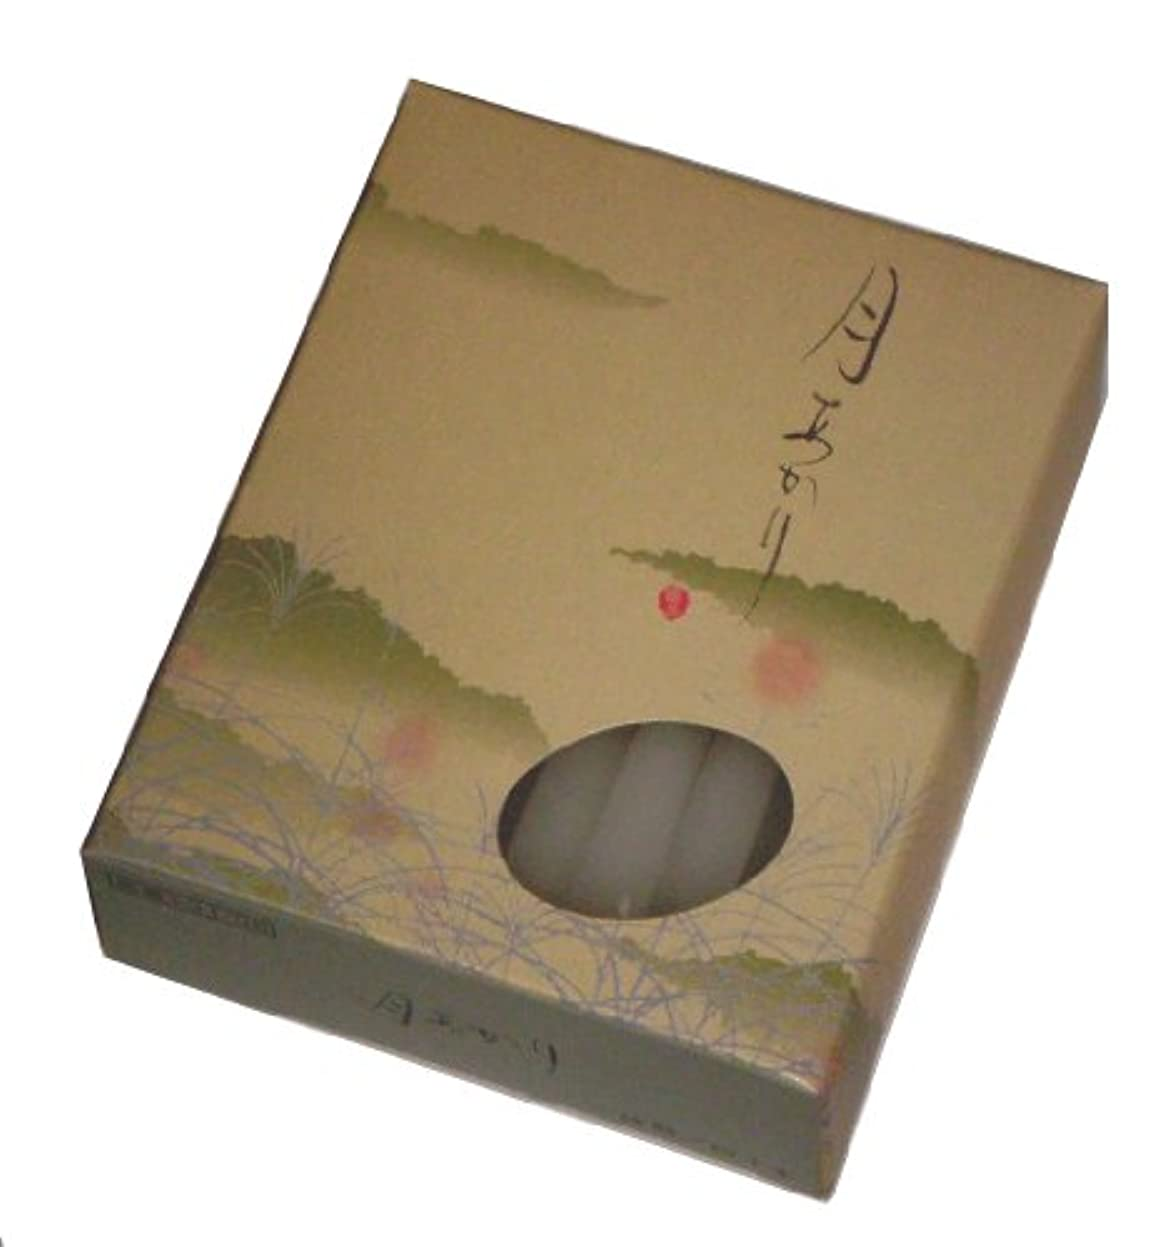 居住者タウポ湖思想東海製蝋のろうそく 月あかり 1時間40本